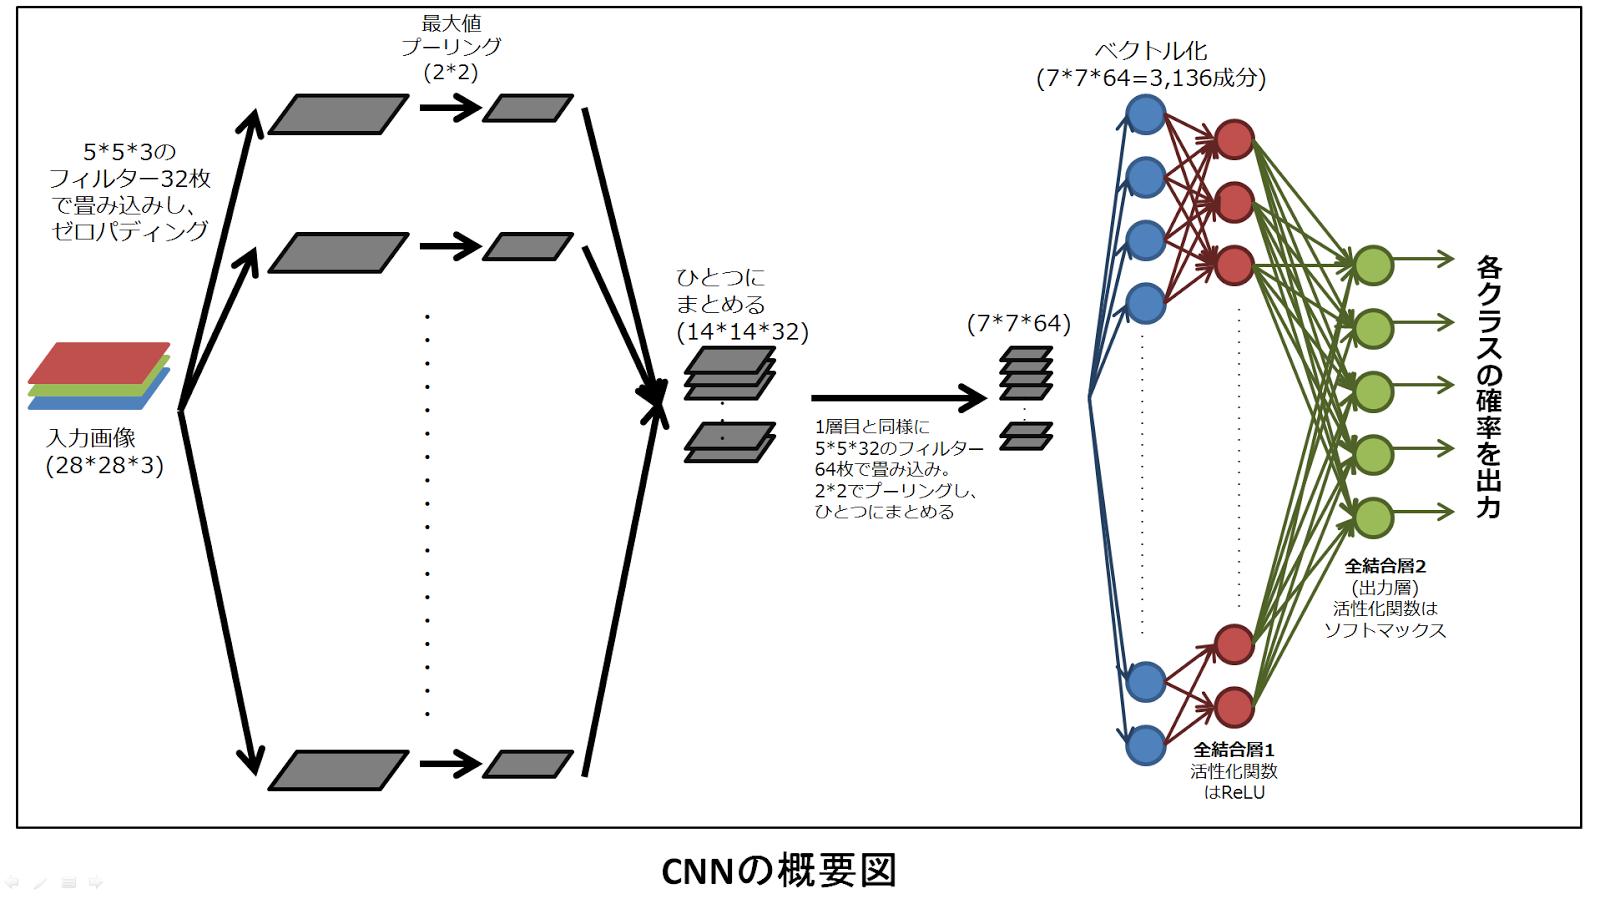 畳み込みニューラルネットワーク(CNN)の図